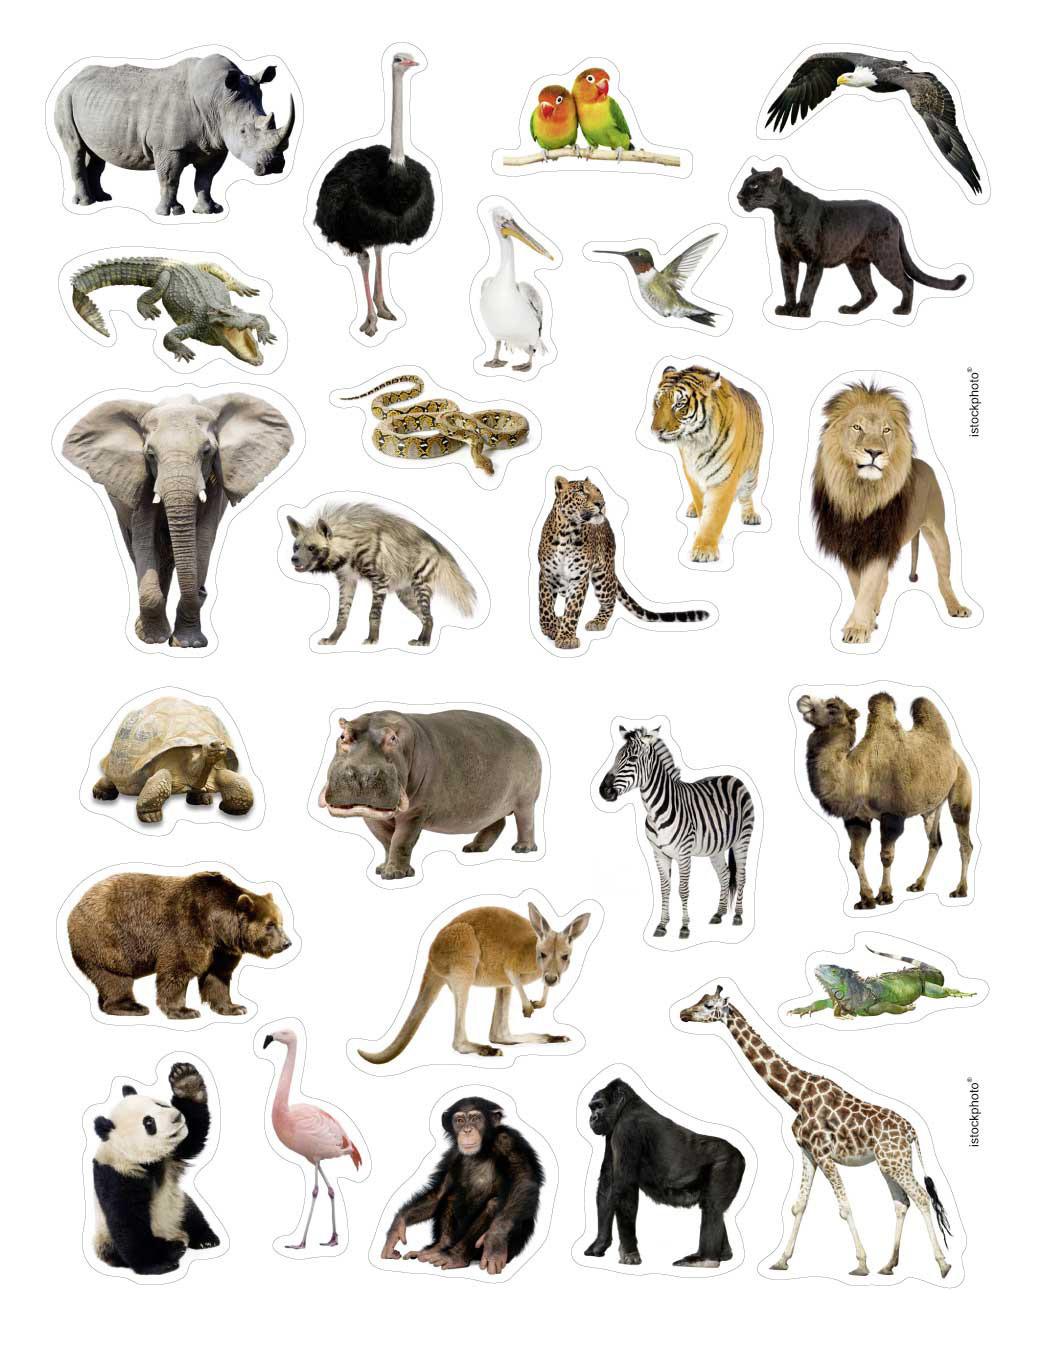 Dessins En Couleurs À Imprimer : Animaux Carnivores, Numéro dedans Image D Animaux A Imprimer En Couleur